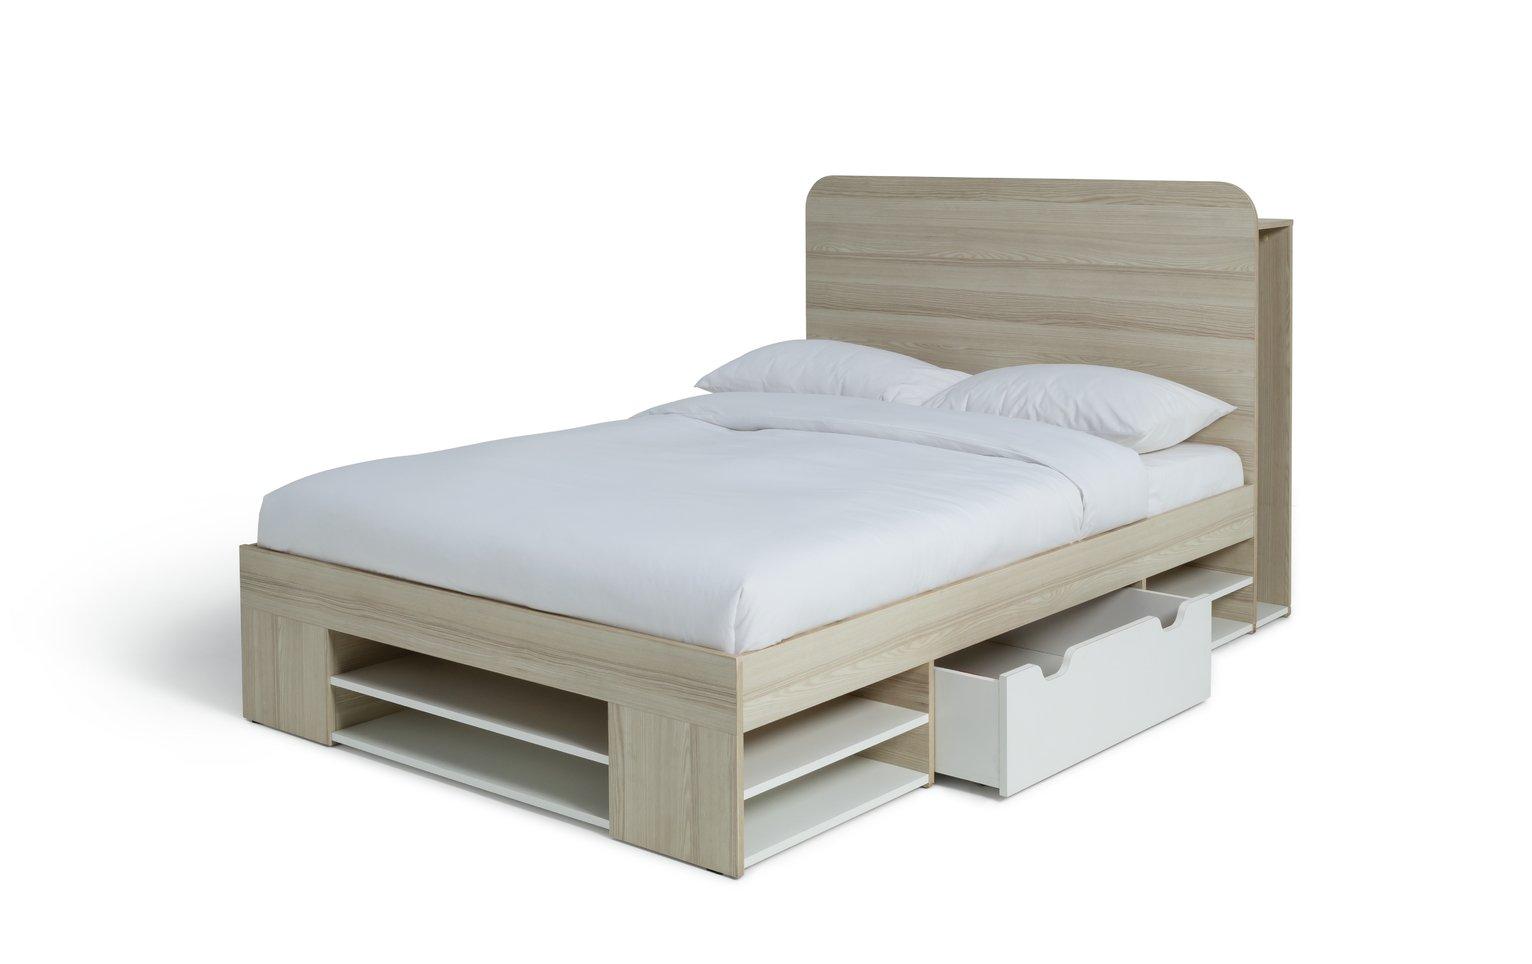 Argos Home Pico Single Bed Frame - Two Tone